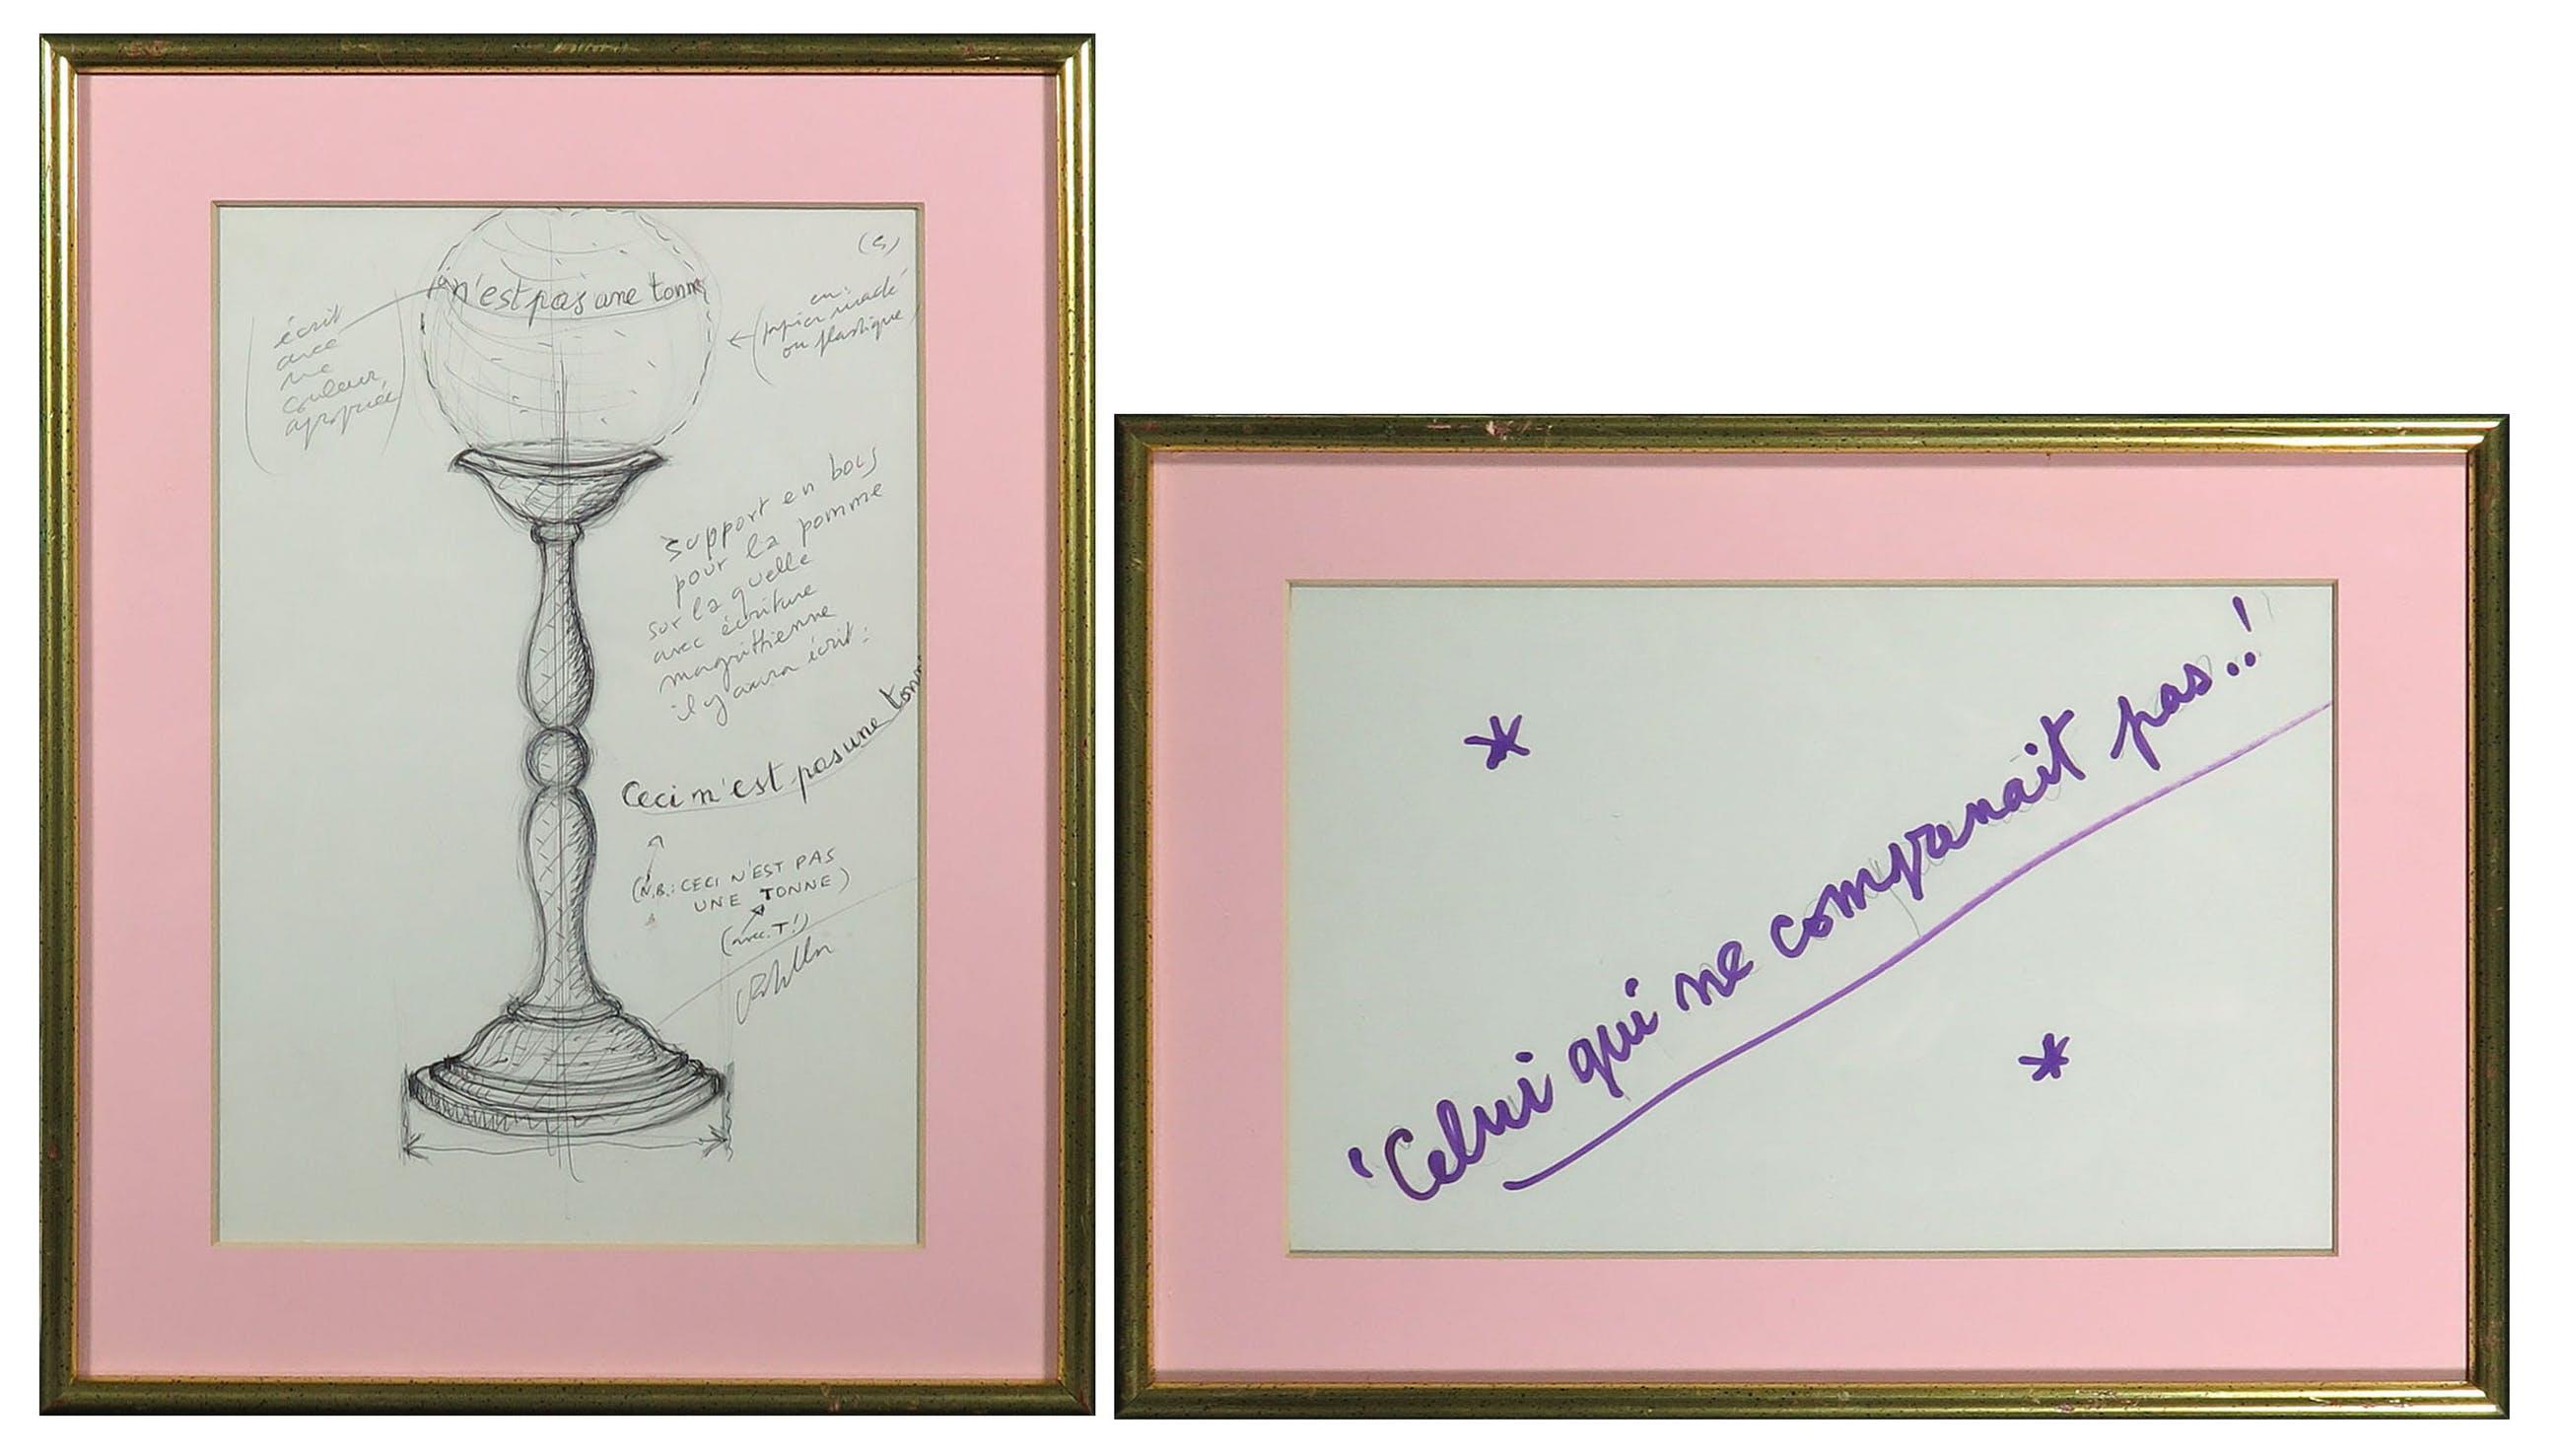 Luca Maria Patella - Lot van twee tekeningen, Ceci n'est pas... / Celui qui ne... - Ingelijst kopen? Bied vanaf 1!